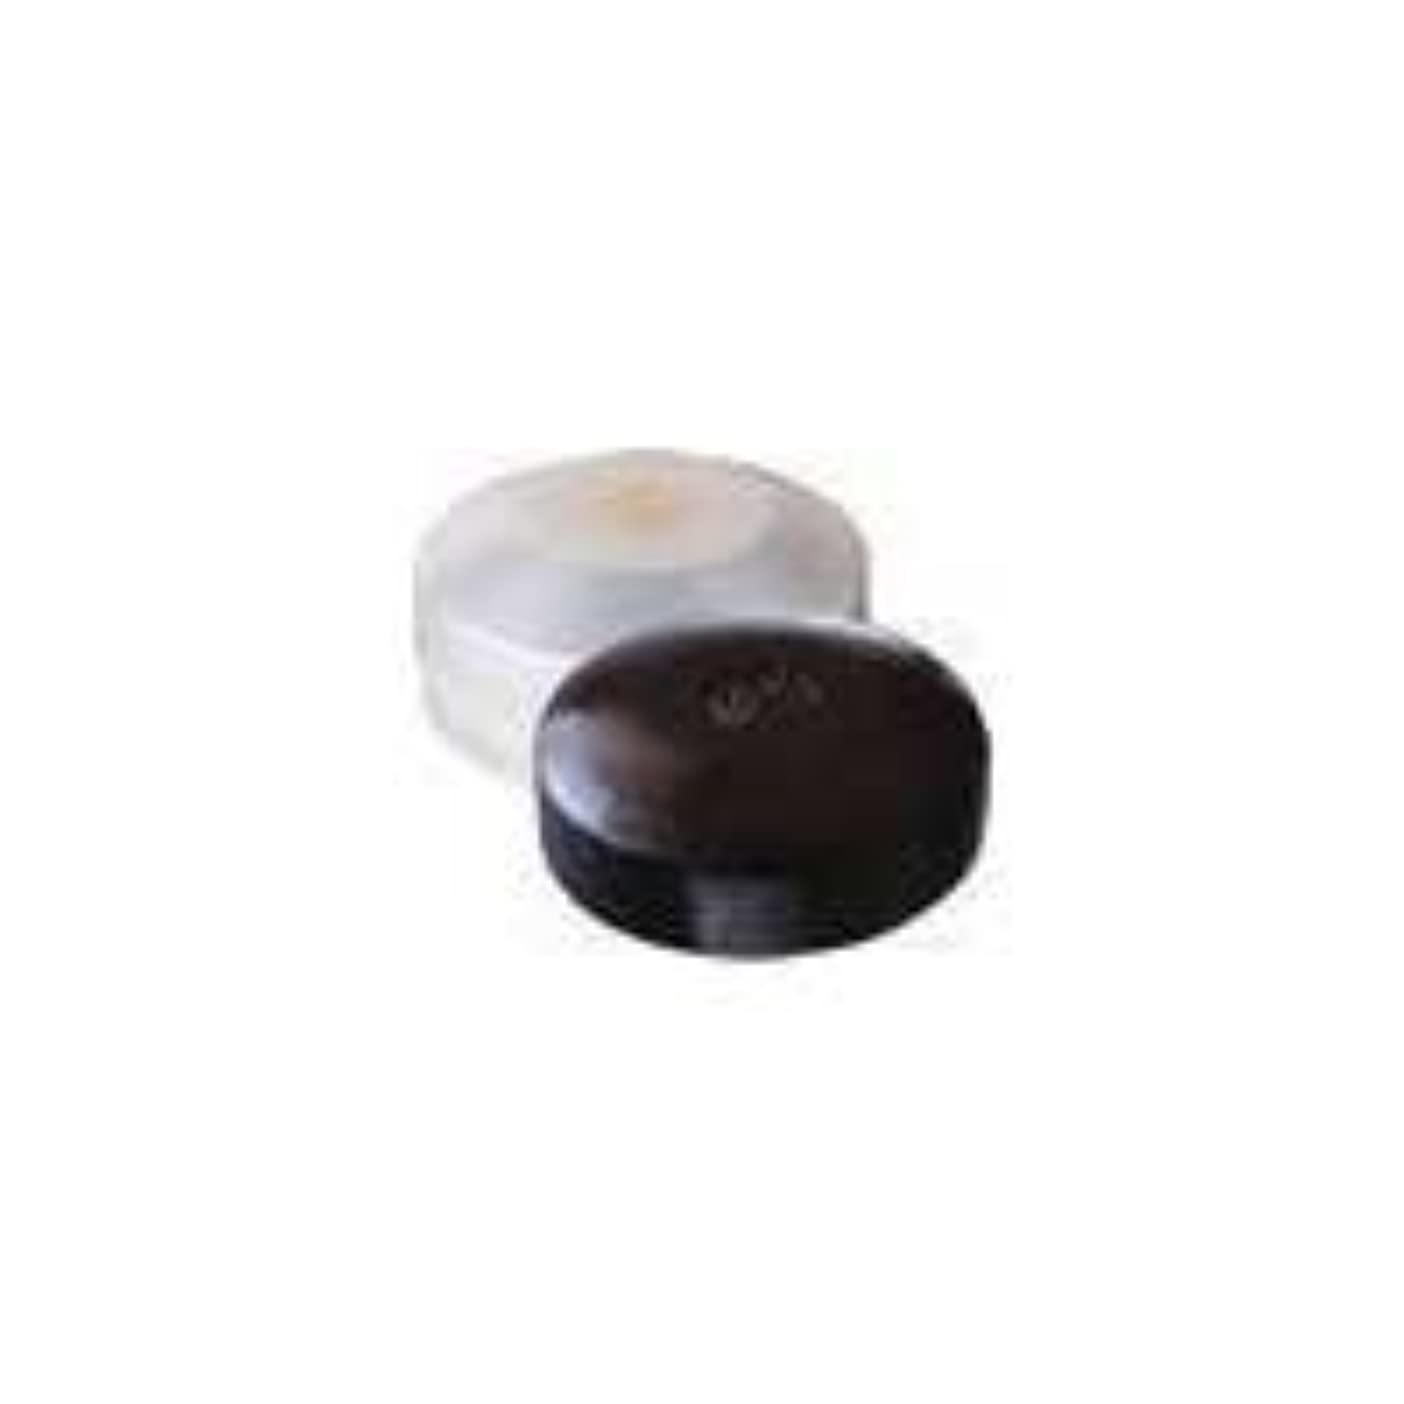 中絶評価する電池マミヤンアロエ基礎化粧品シリーズ アロエクセルソープ 120g(ケース有) まろやかな泡立ち透明石鹸